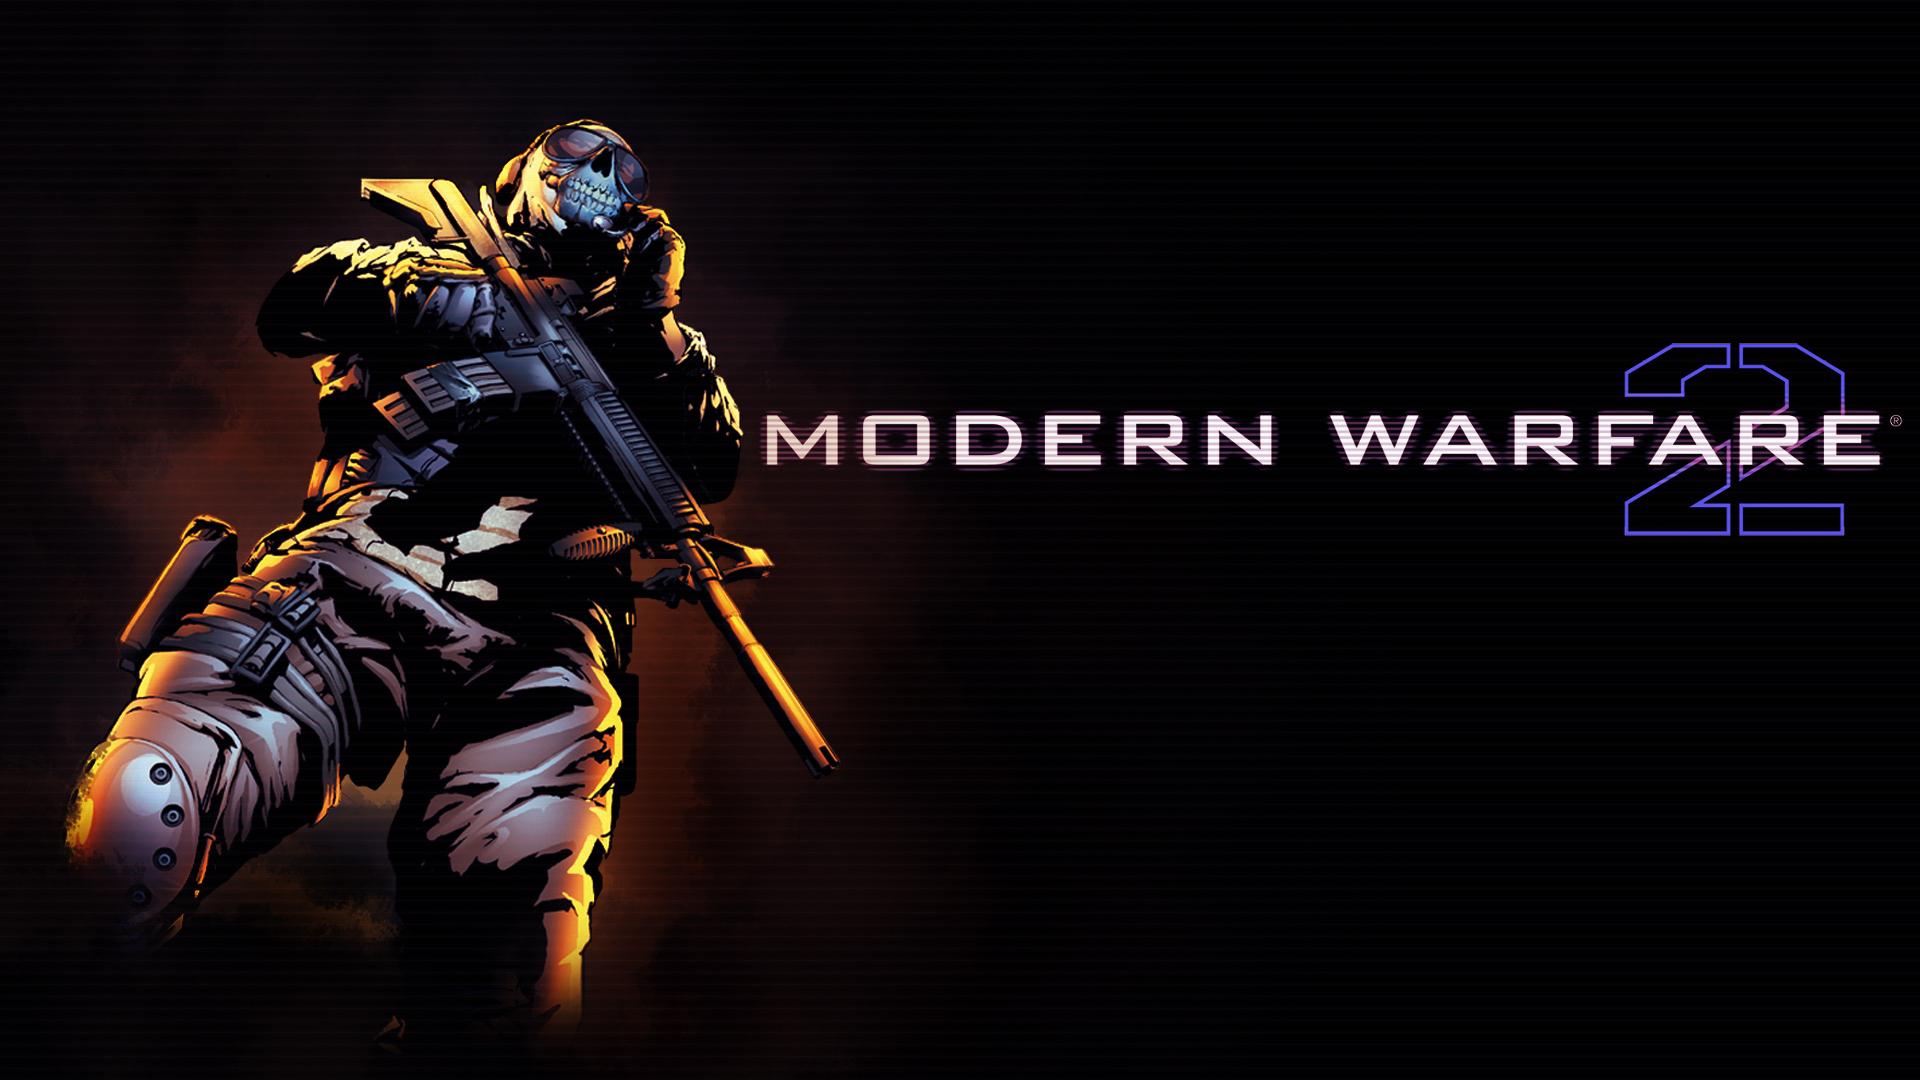 Call Of Duty Modern Warfare 2 Ghost 3 Hd Wallpaper